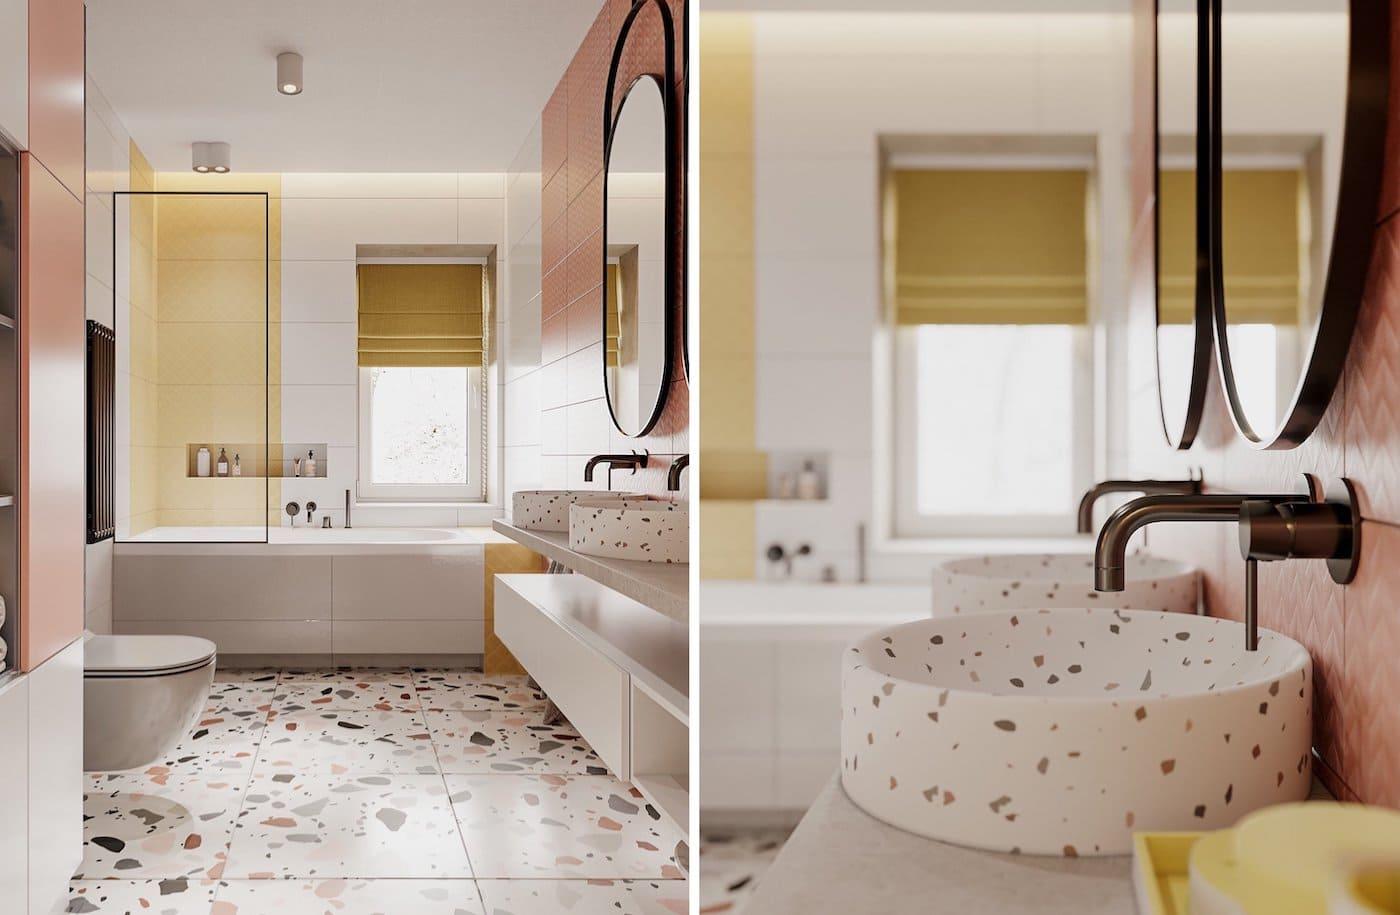 дизайн интерьера ванной комнаты фото 37